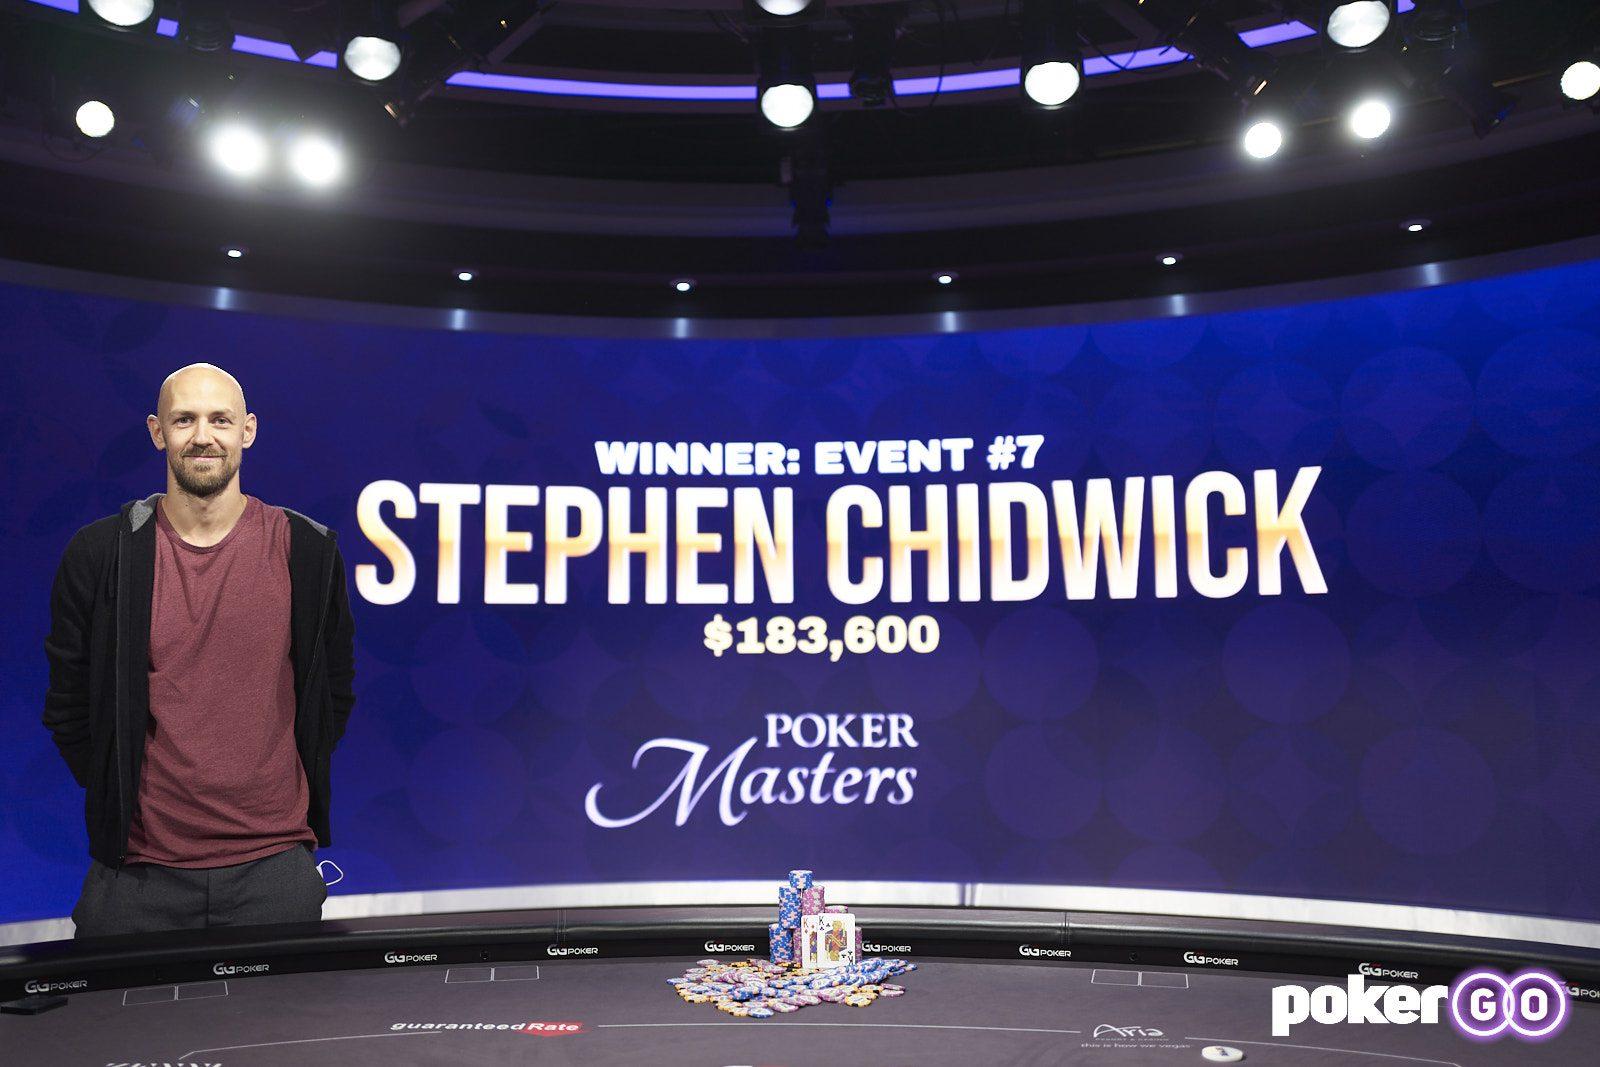 Poker Masters - Stephen Chidwick